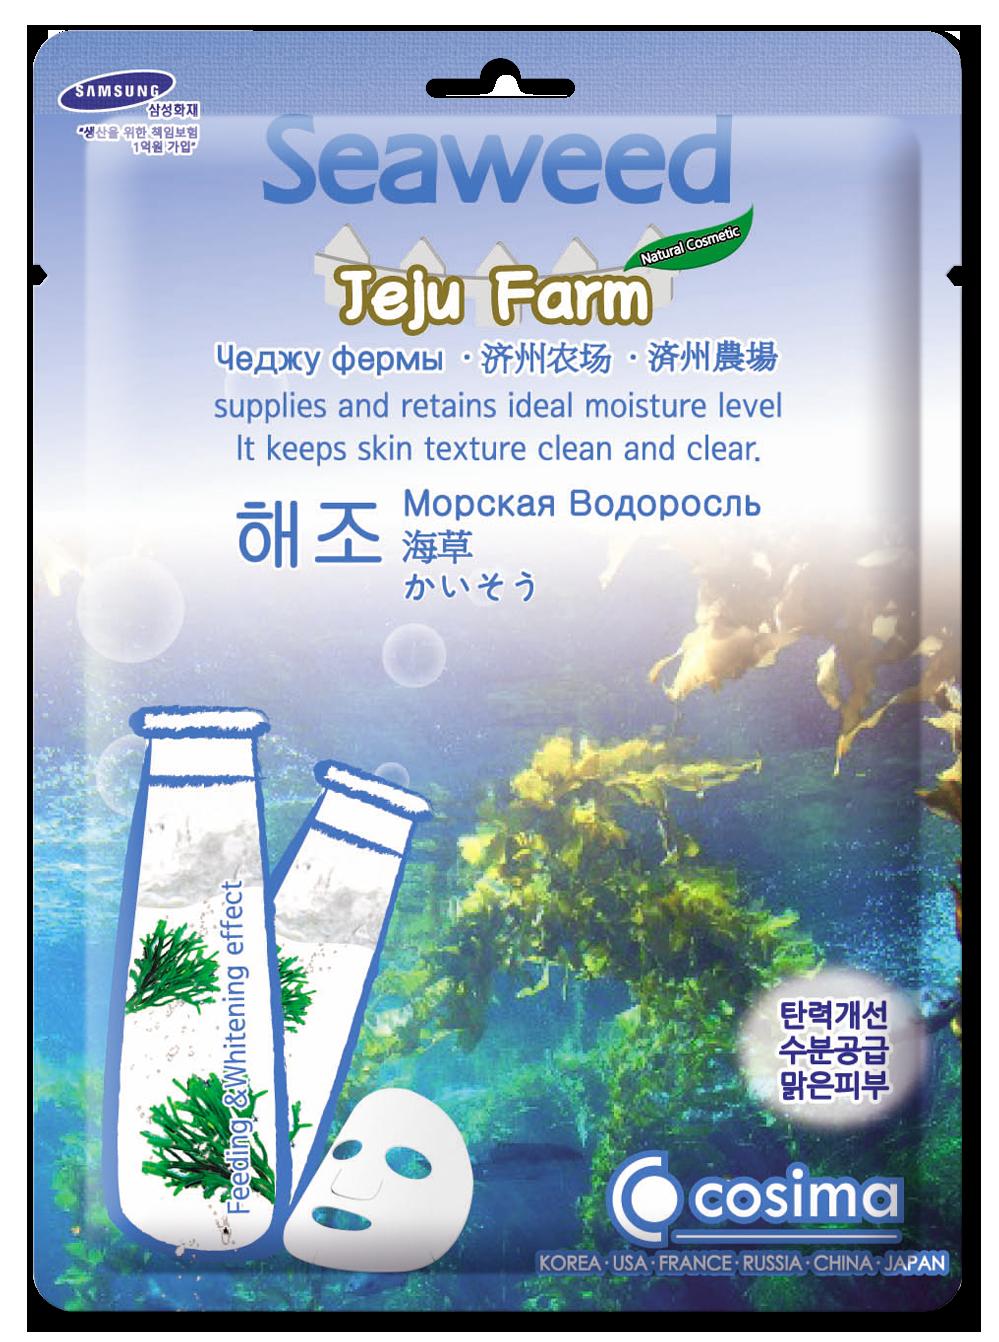 SHARY Маска для лица с морскими водорослями и гиалуроновой кислотой / COSIMA 25 грМаски<br>Комплекс биологически активных веществ, содержащихся в экстракте морских водорослей, способствует нормализации кровообращения, усиливает обновление клеток кожи, обеспечивает ее витаминами и микроэлементами, укрепляет сосудистую стенку, улучшает дыхание кожи, регулирует гидро-липидный баланс кожи. Маска улучшает цвет кожи, делает ее упругой и великолепно тонизирует. Активные ингредиенты. Состав: Water, Glycerin, Sodium Hyaluronate, PEG-60 Hydrogenated Castor Oil, Phenoxyethanol, Carbomer, Methylparaben, Hydroxyethylcellose, Diaodium EDTA, Allantoin, Propylene Glycol, Triethanolamine, Sea algae extract, Fragrance.<br><br>Возраст применения: После 25<br>Типы кожи: Для всех типов